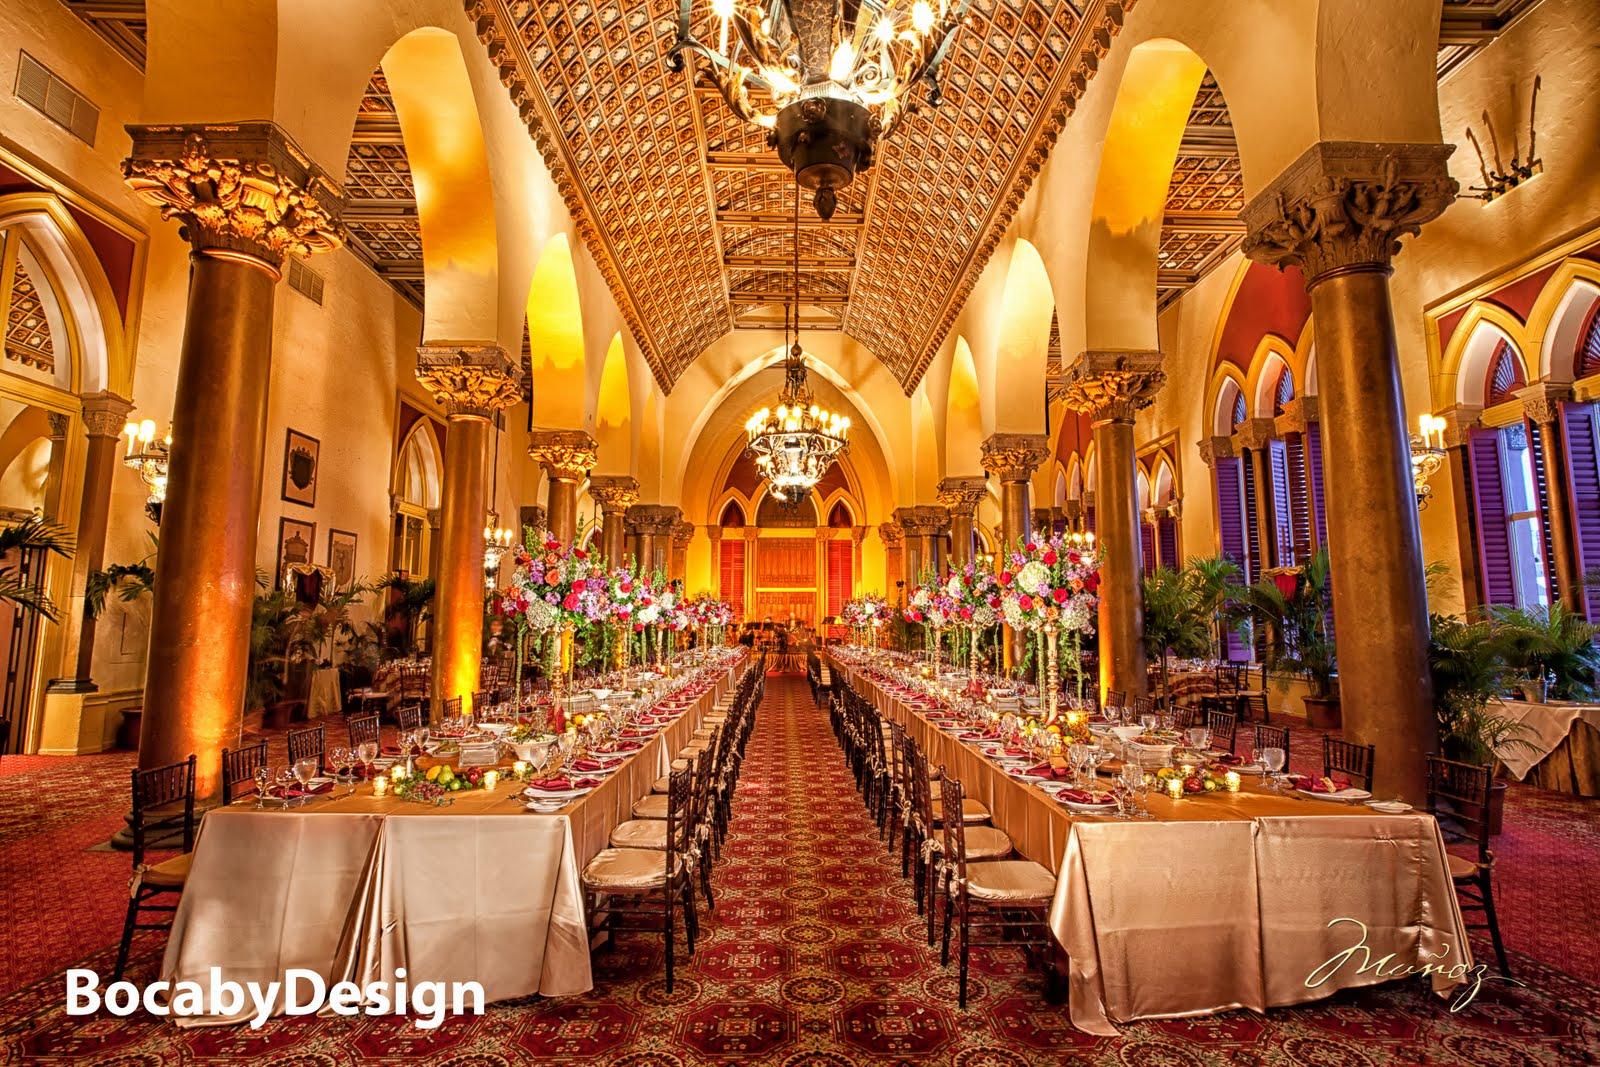 Boca By Design ROYAL FEAST